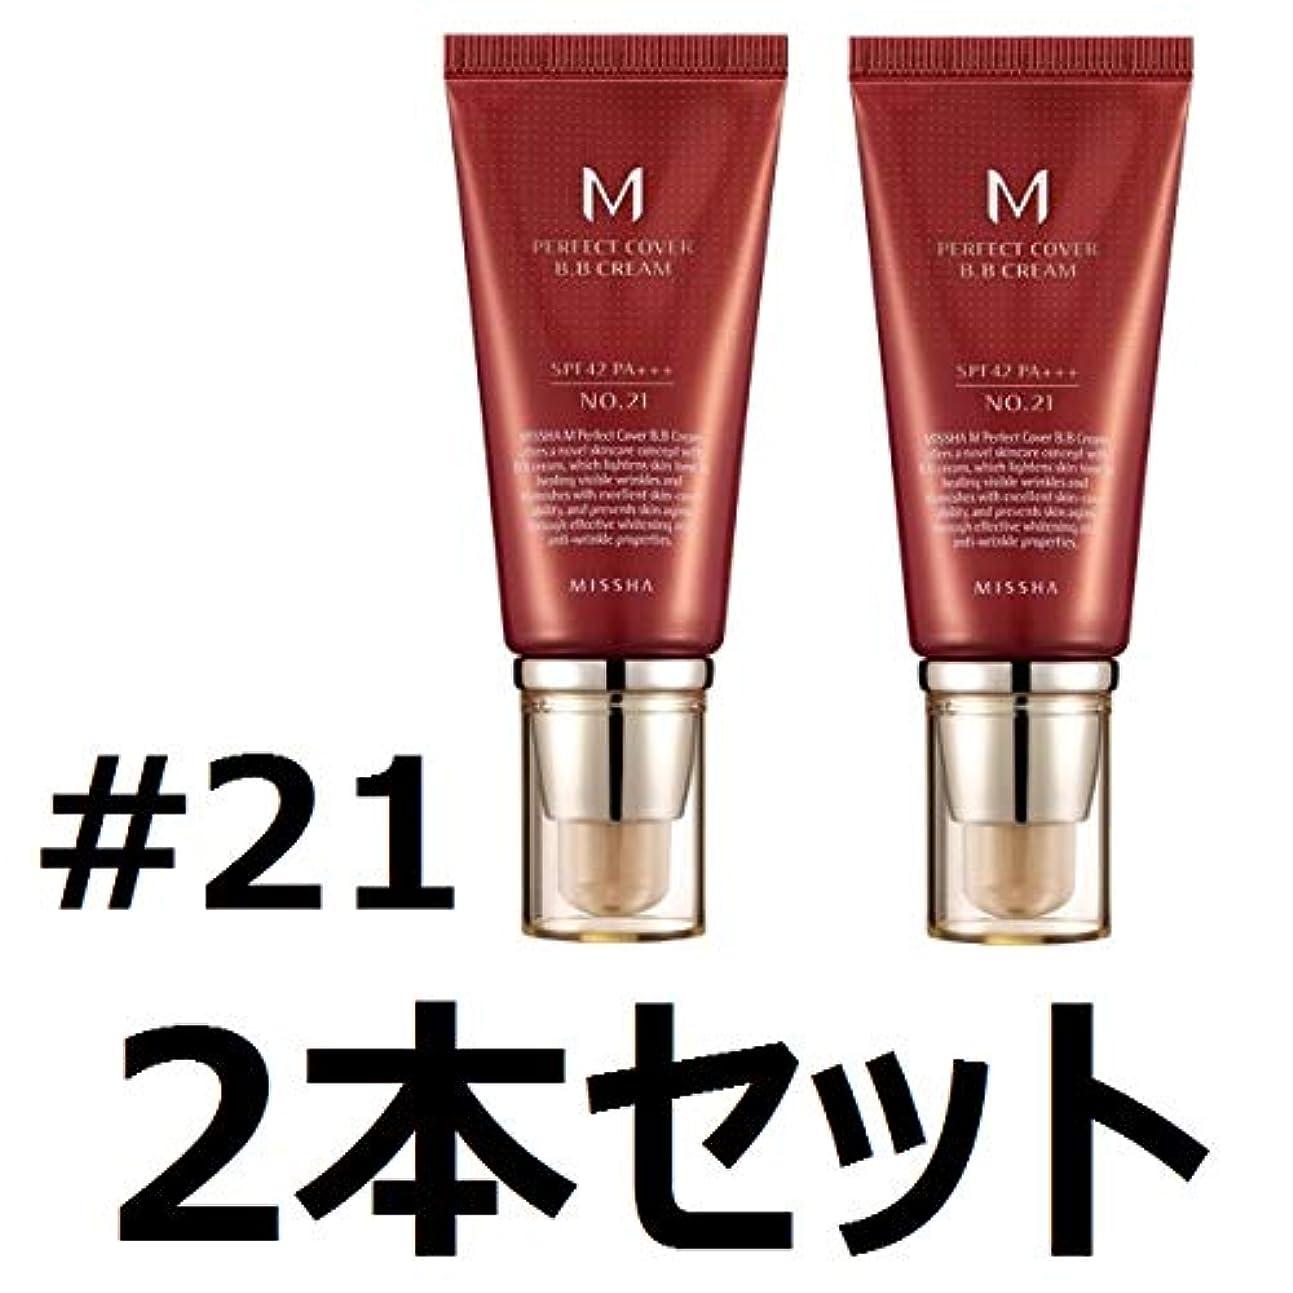 忘れるそうでなければ骨折[MISSHA/ミシャ]M パーフェクトカバーBBクリーム UV (No.21)[SPF42 PA+++] (1+1)2本 セット [海外直送品]